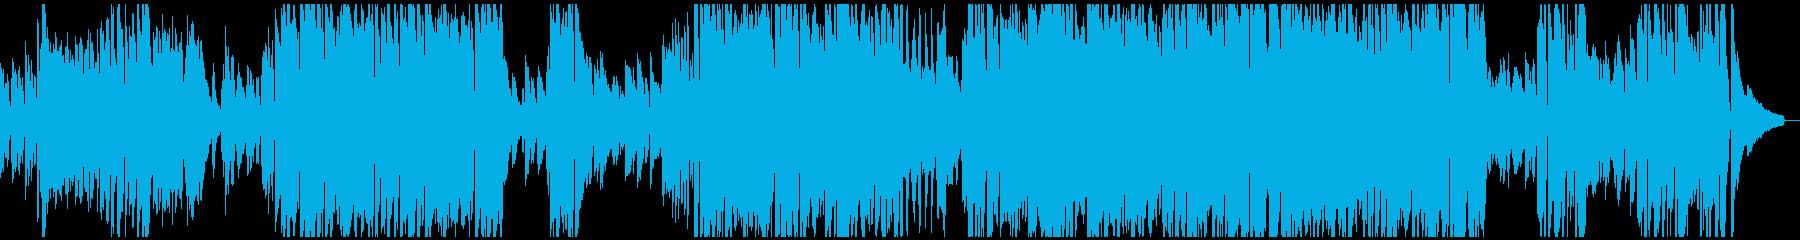 アップテンポでオシャレなピアノソロの再生済みの波形